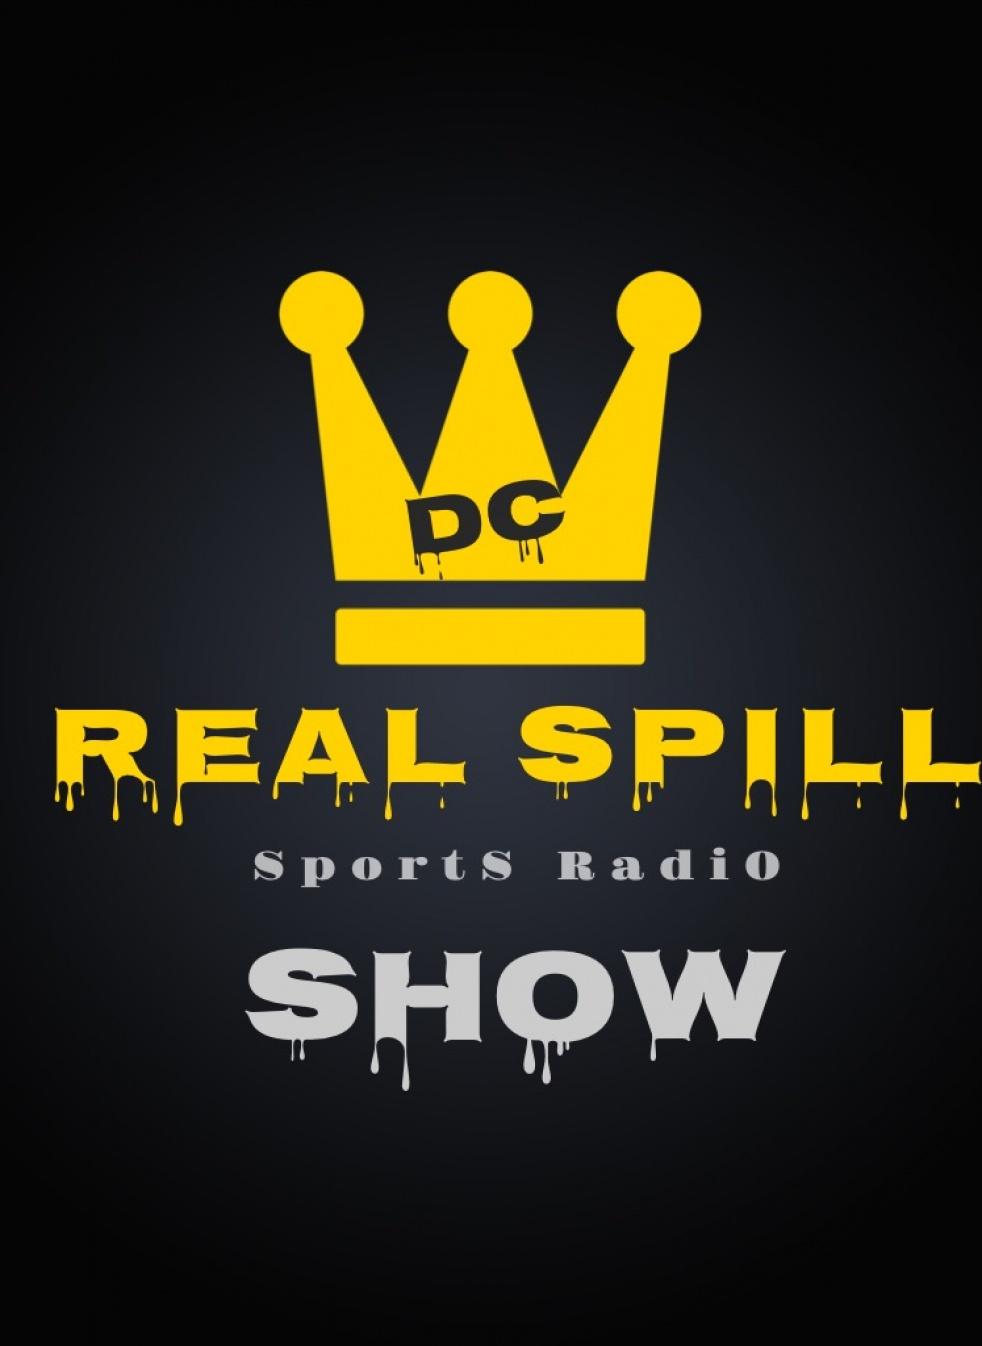 Real SpiLL Sports Radio - immagine di copertina